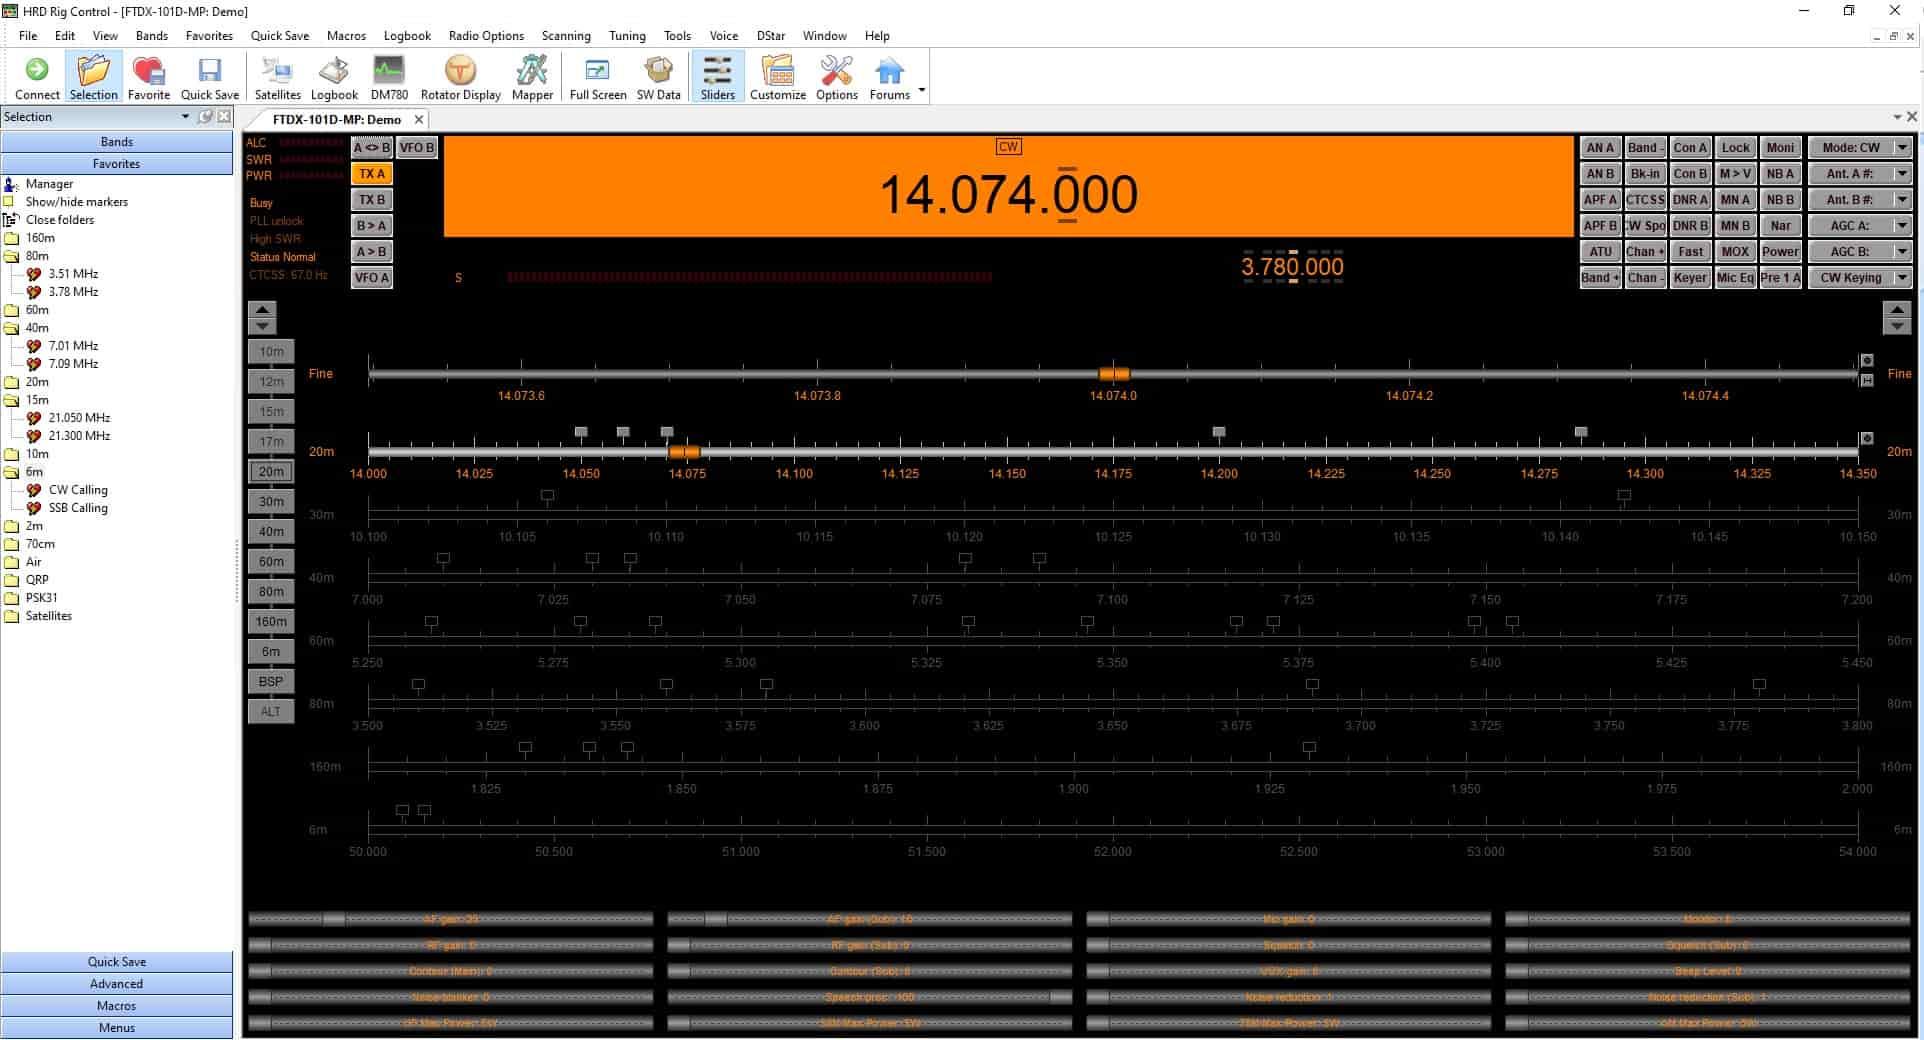 Ham Radio Deluxe Rig Control for Ham Radios